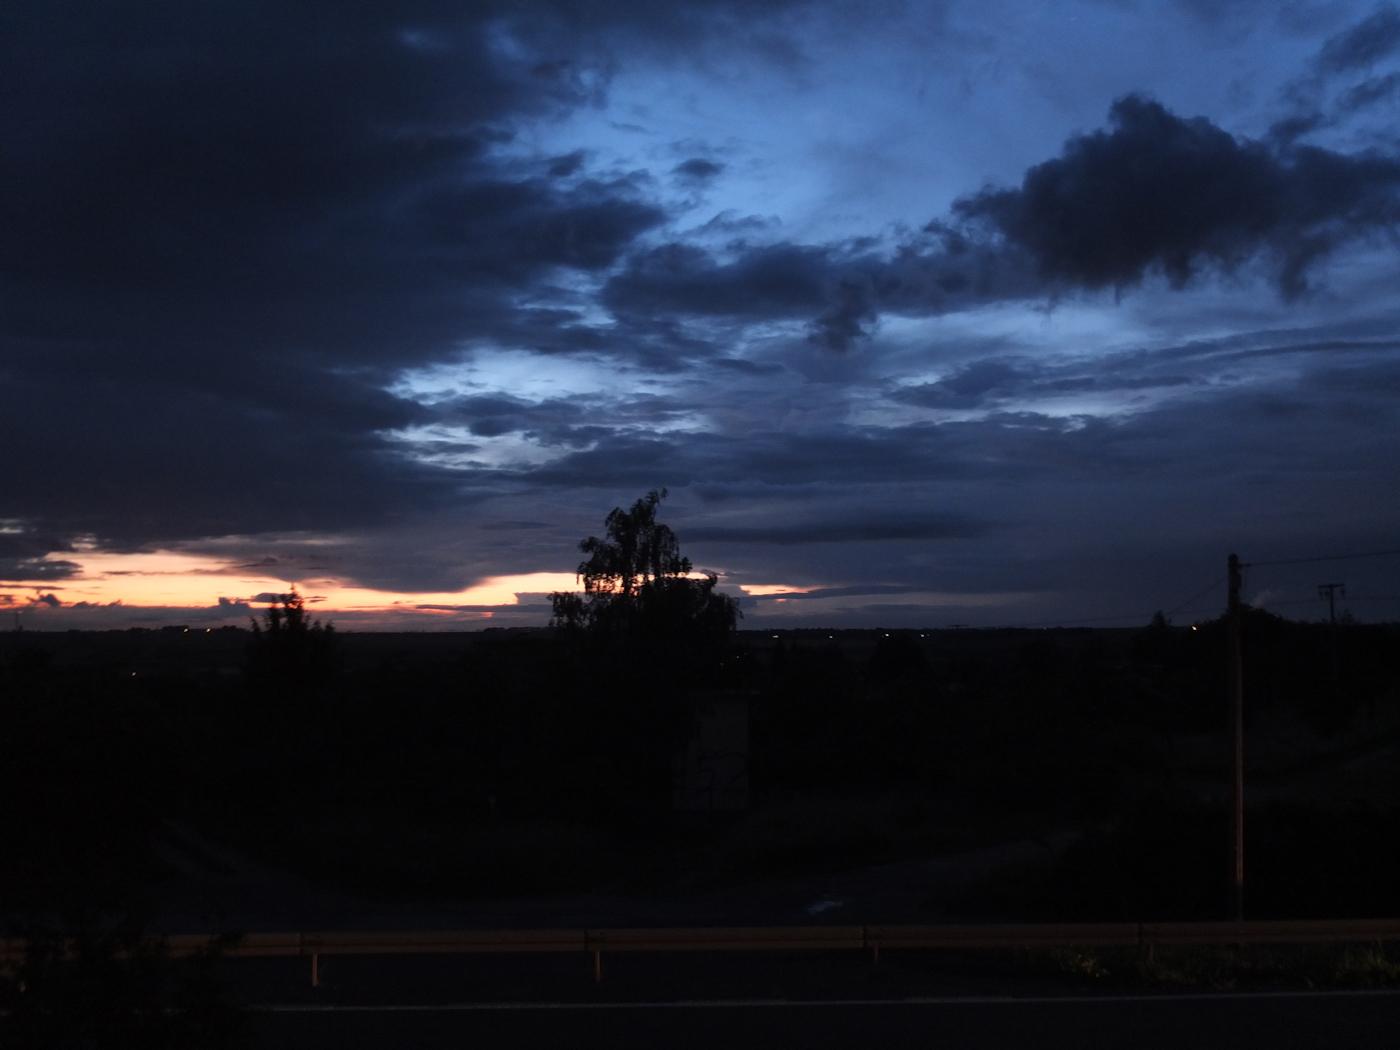 NachtSchöneAussicht